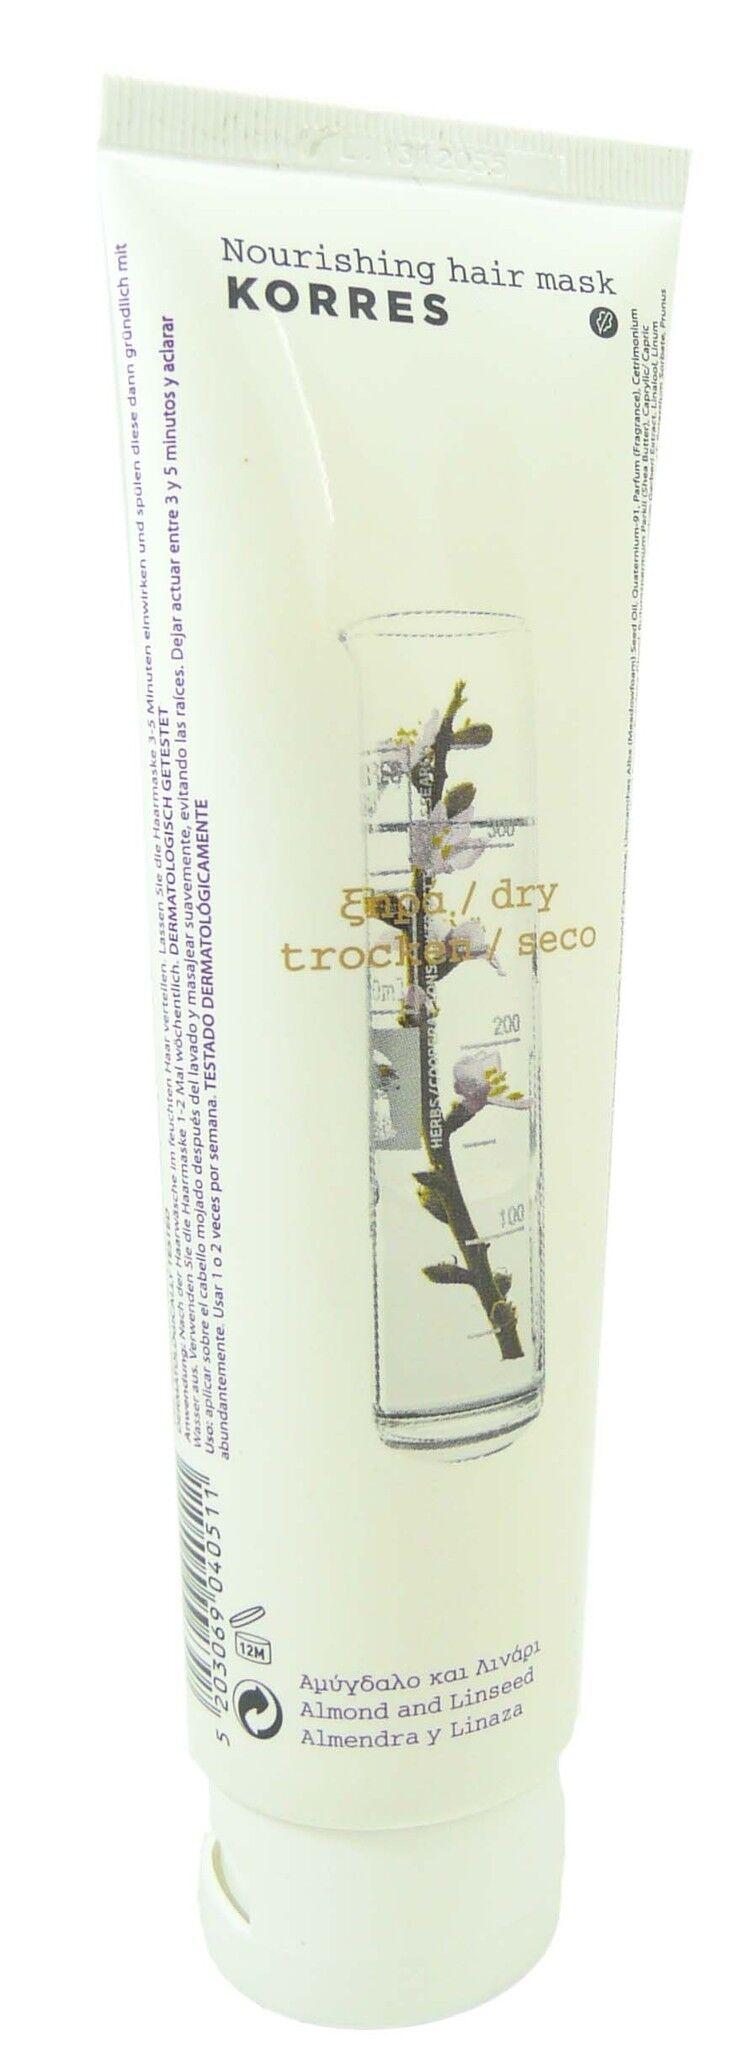 Korres masque amandes & graines de lin 125ml